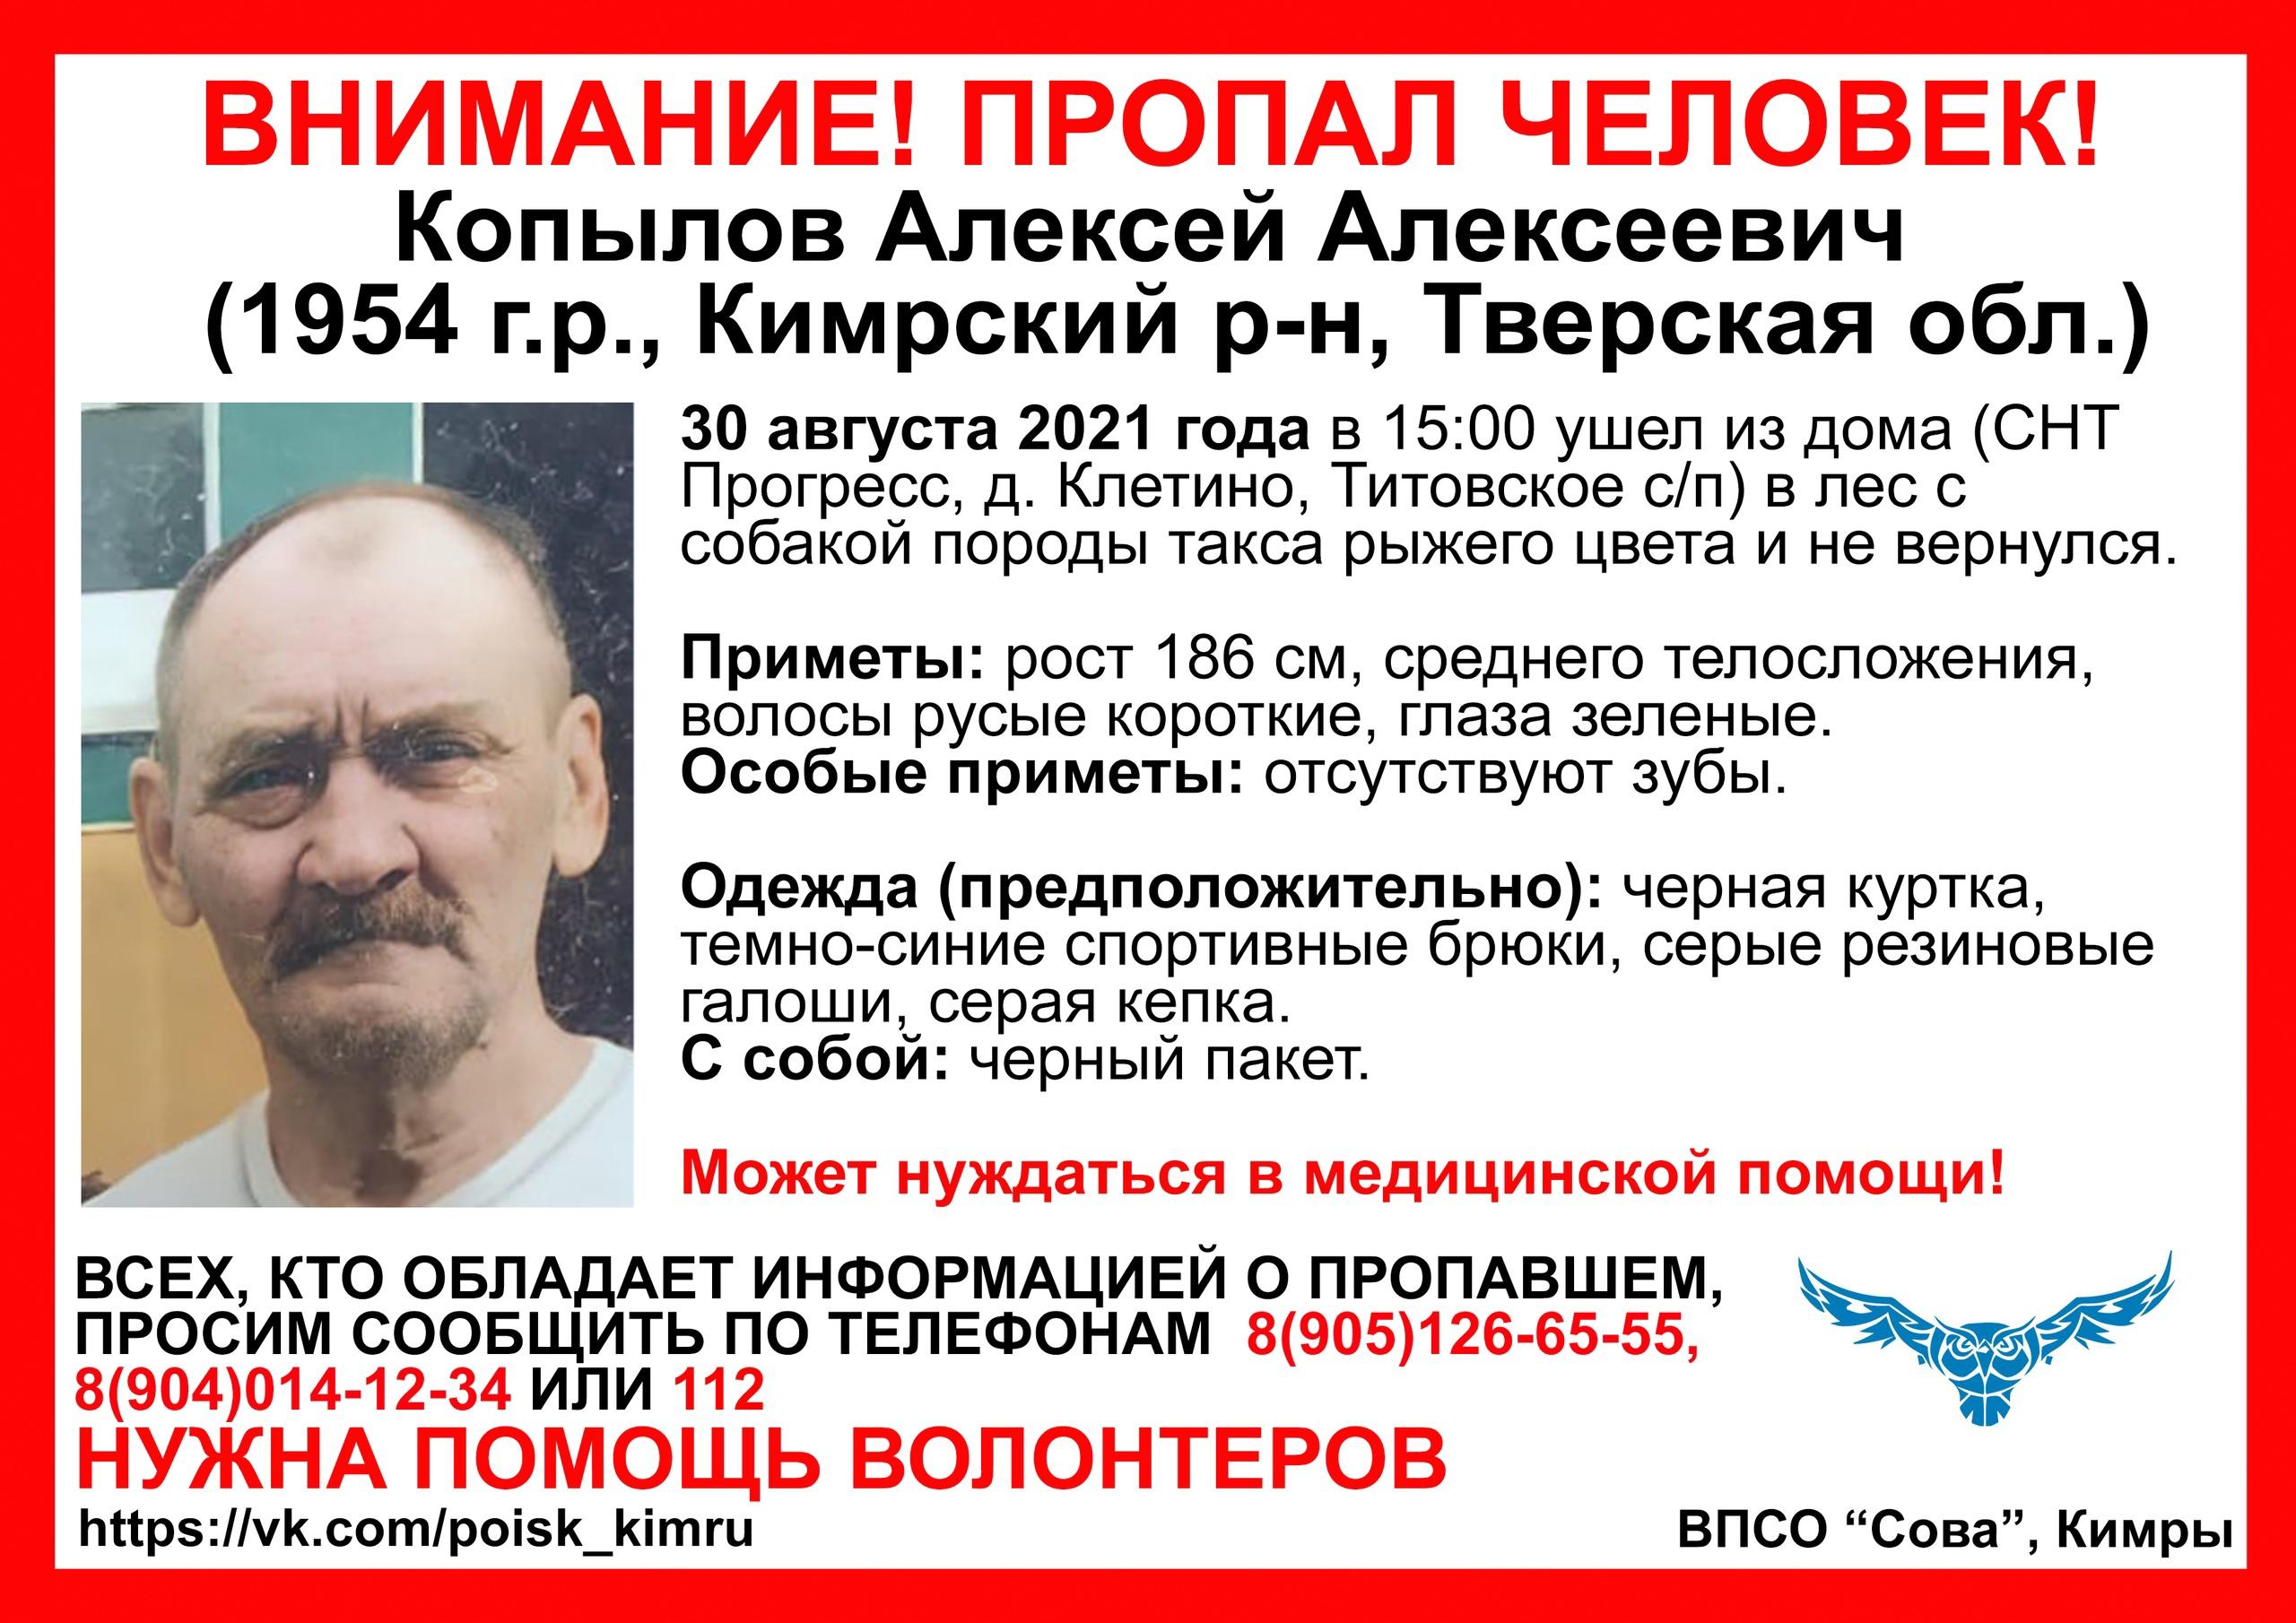 Житель Тверской области ушёл в лес с собакой и не вернулся